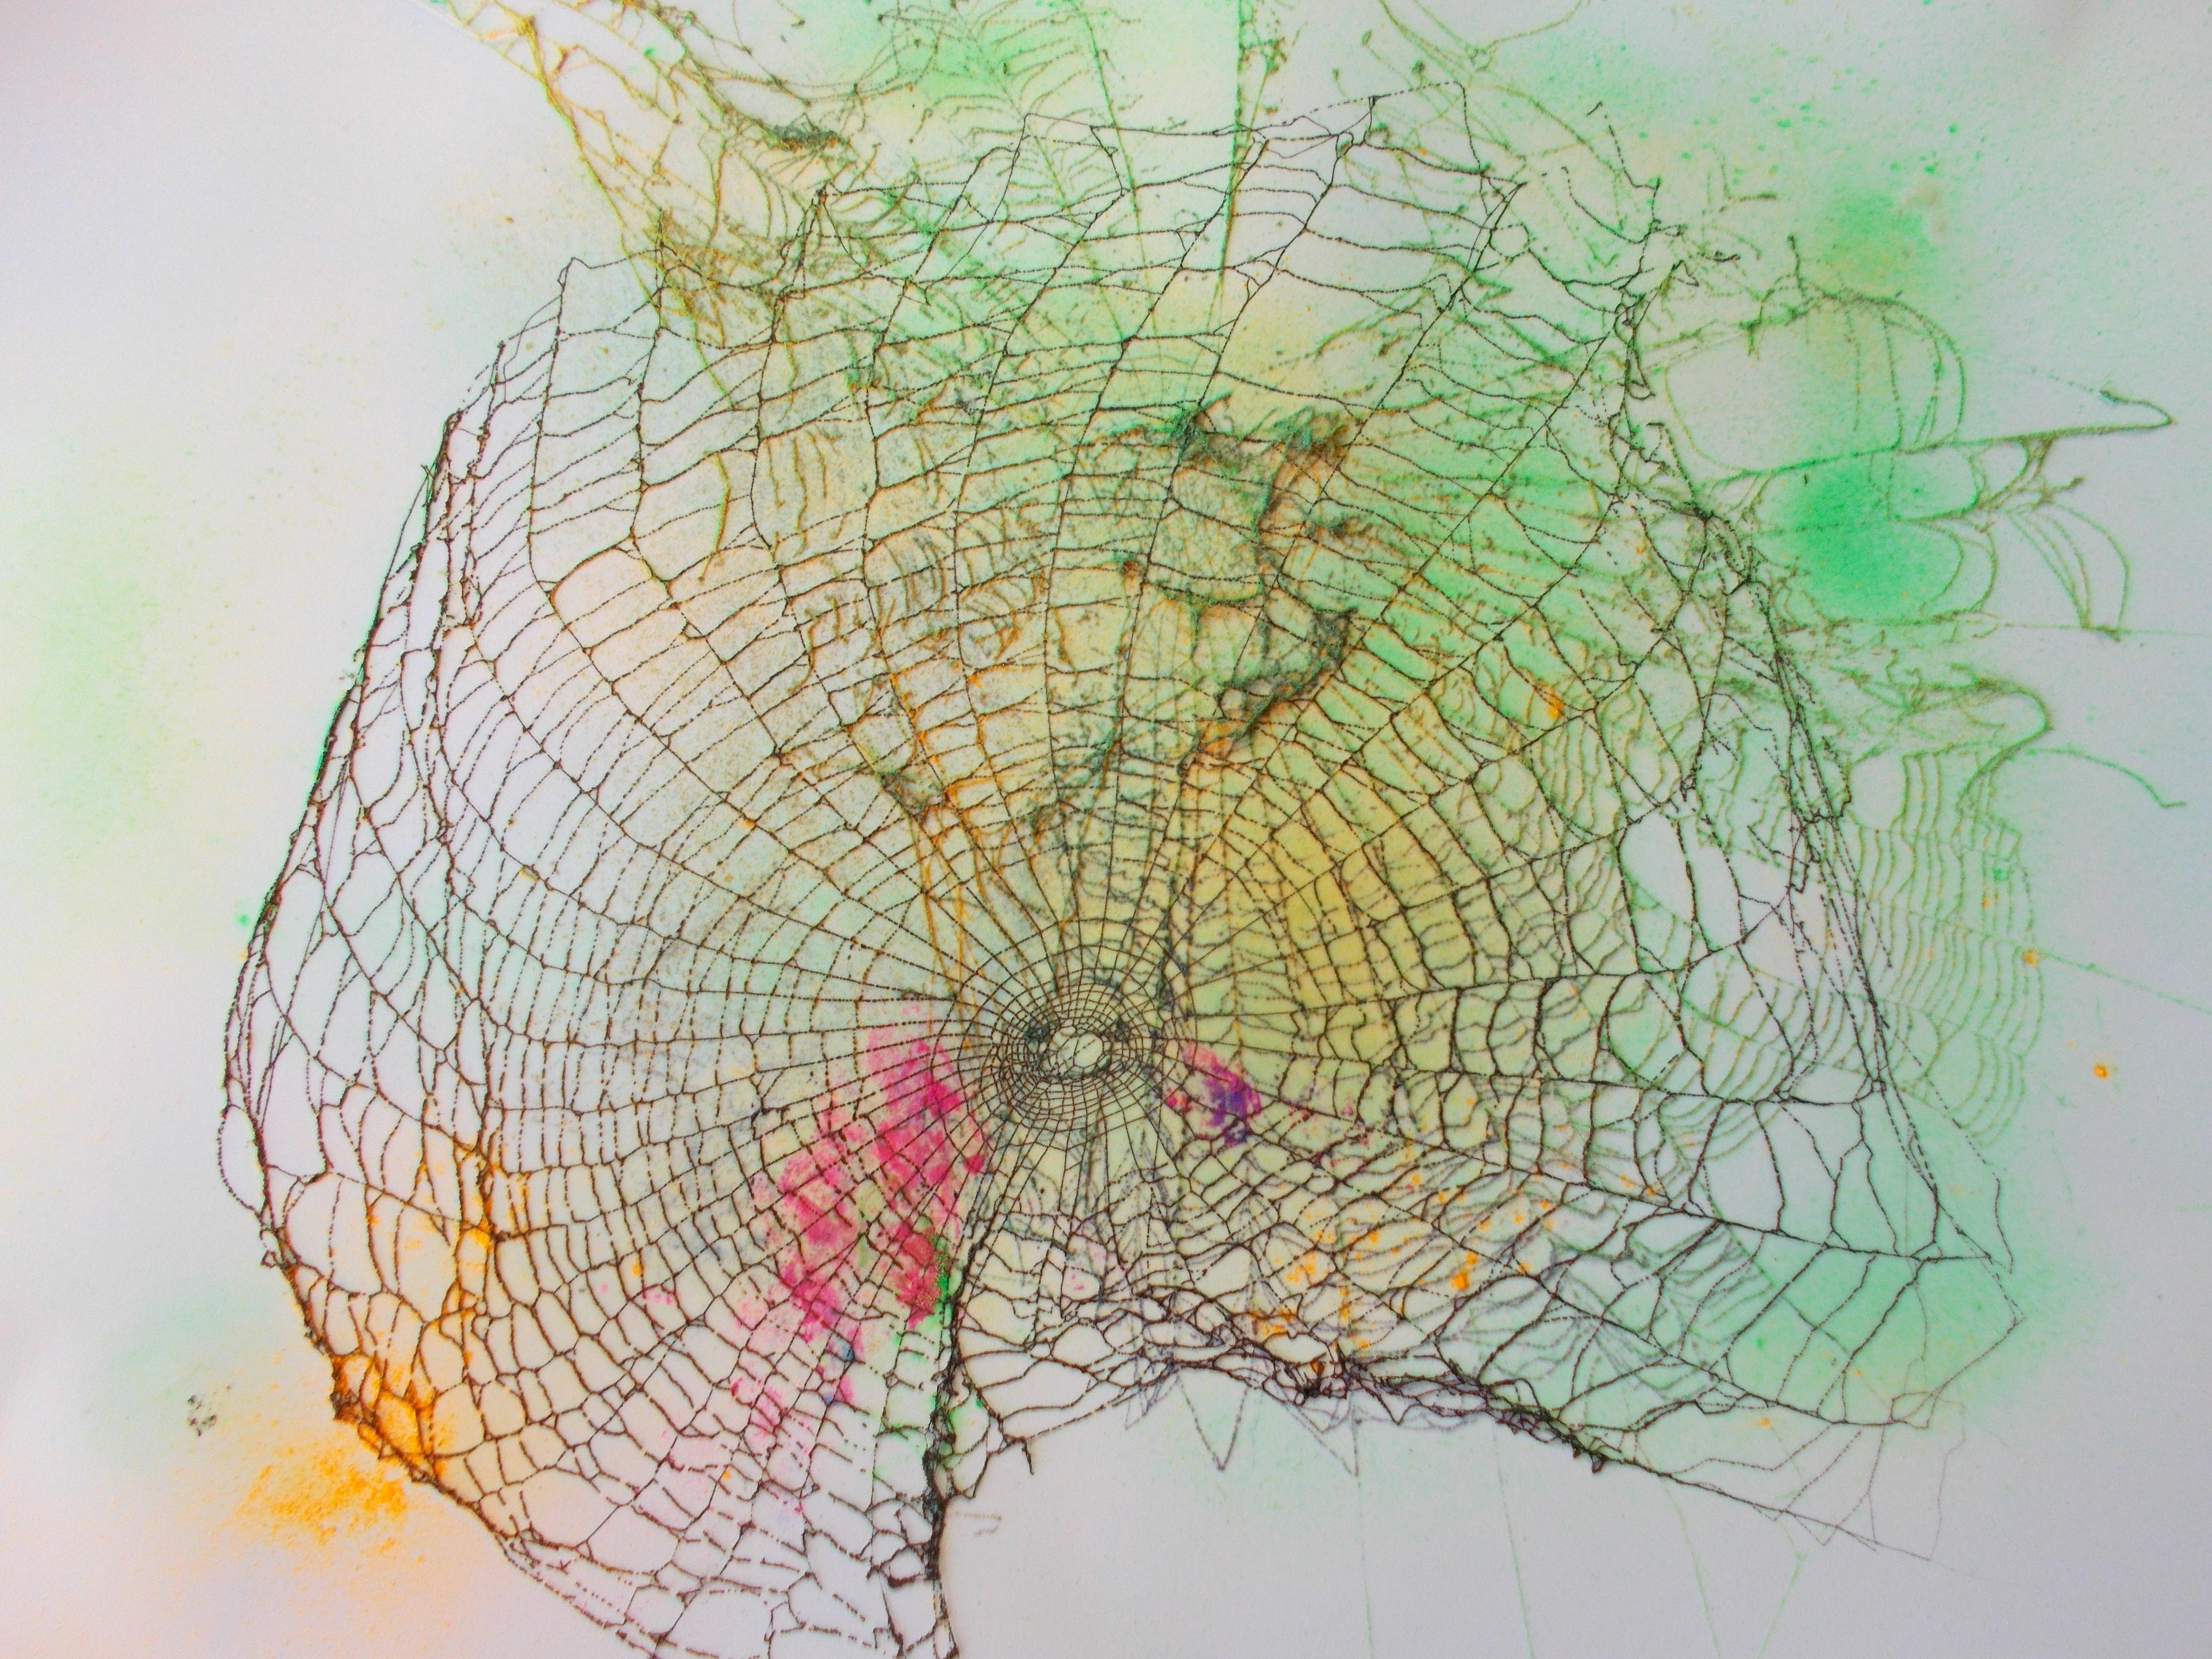 Netz leicht coloriert